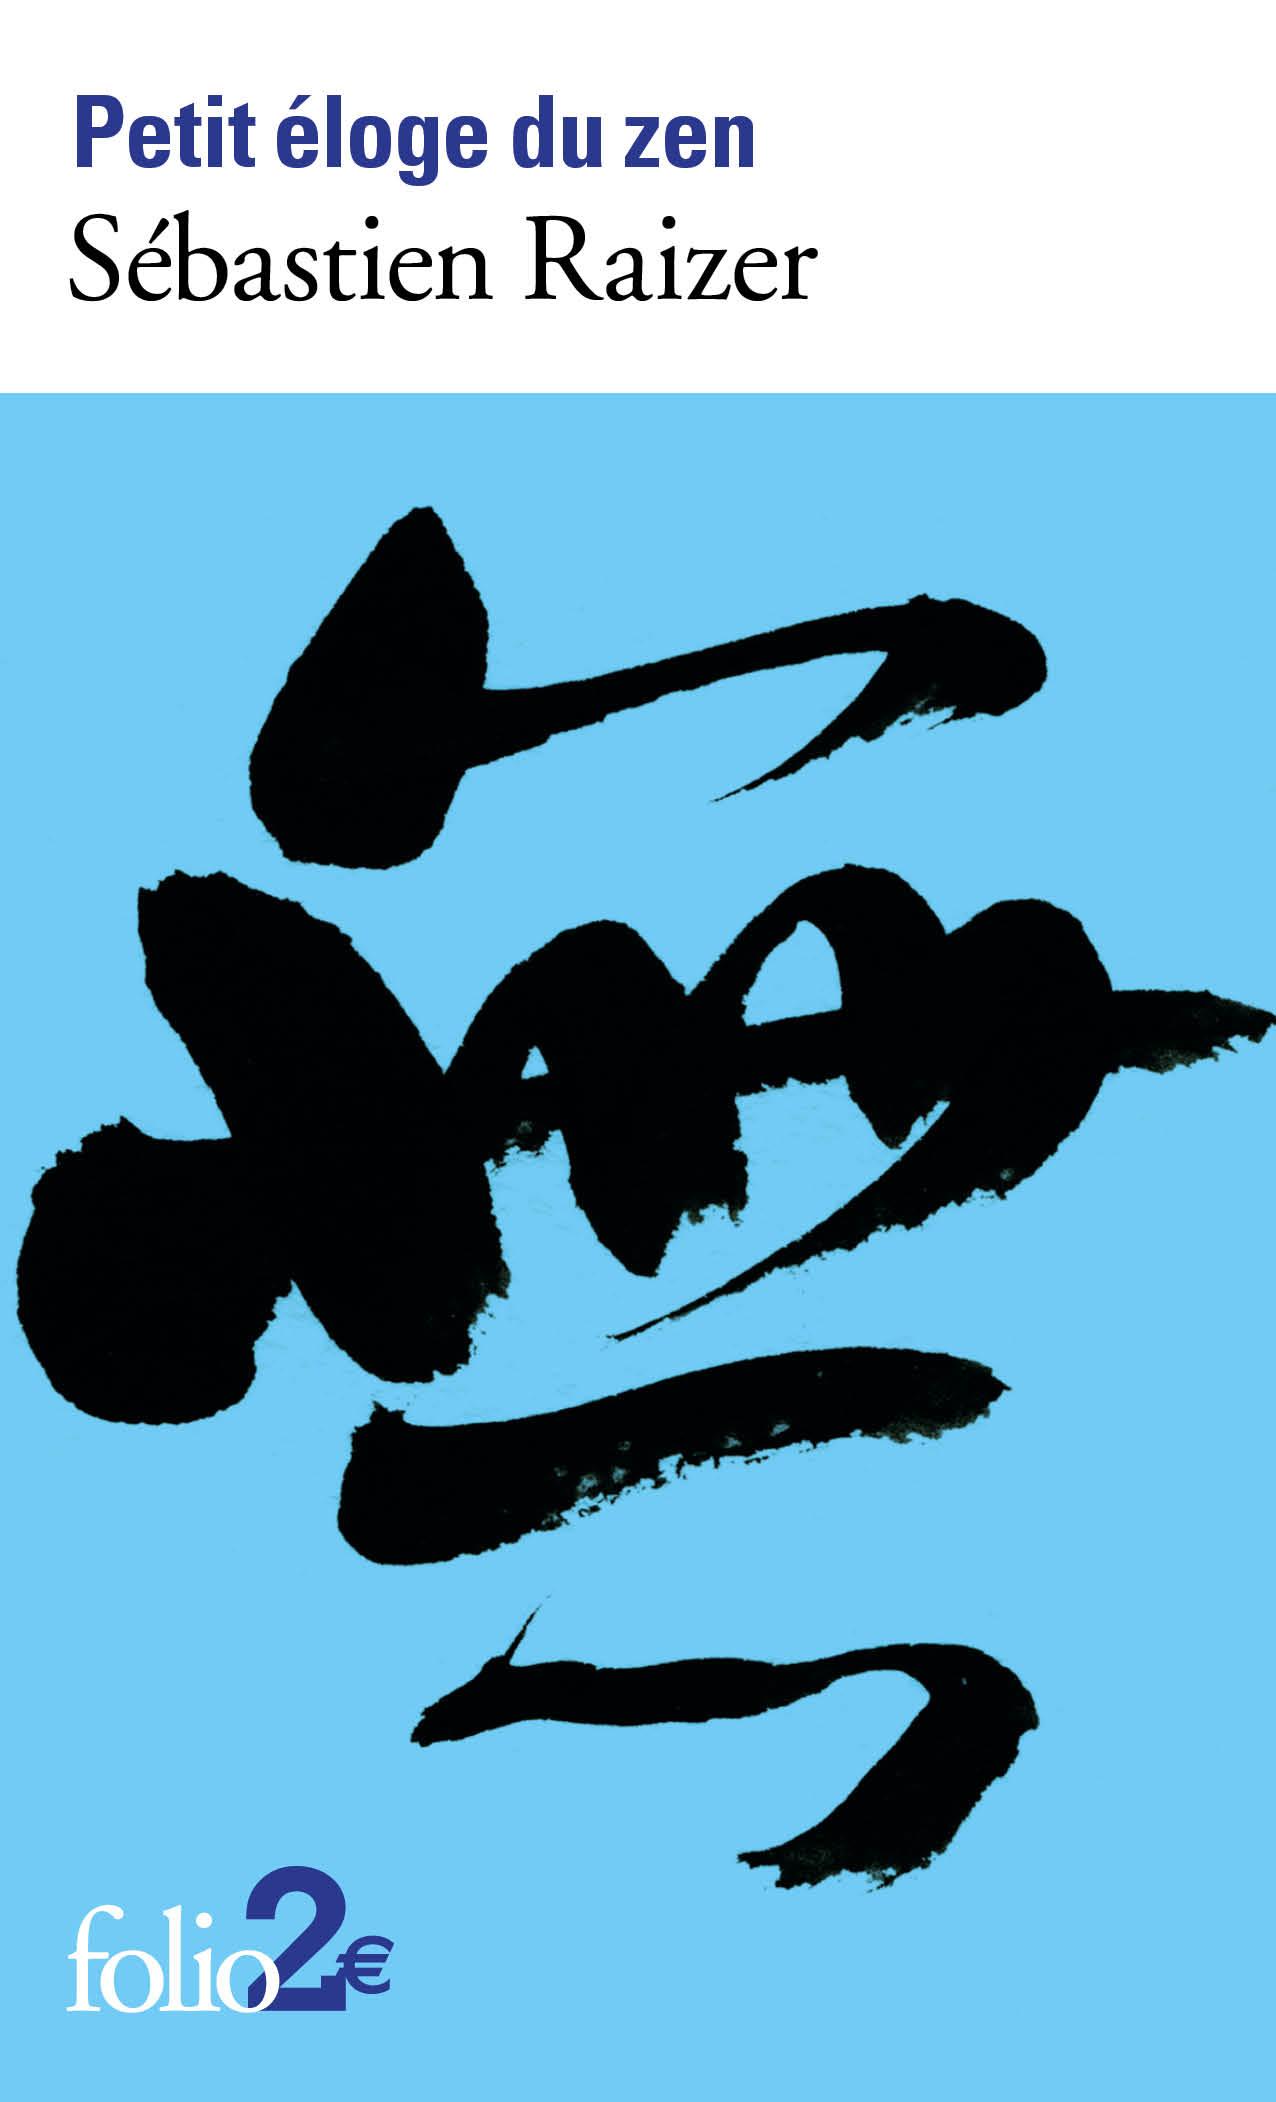 Petit éloge du zen